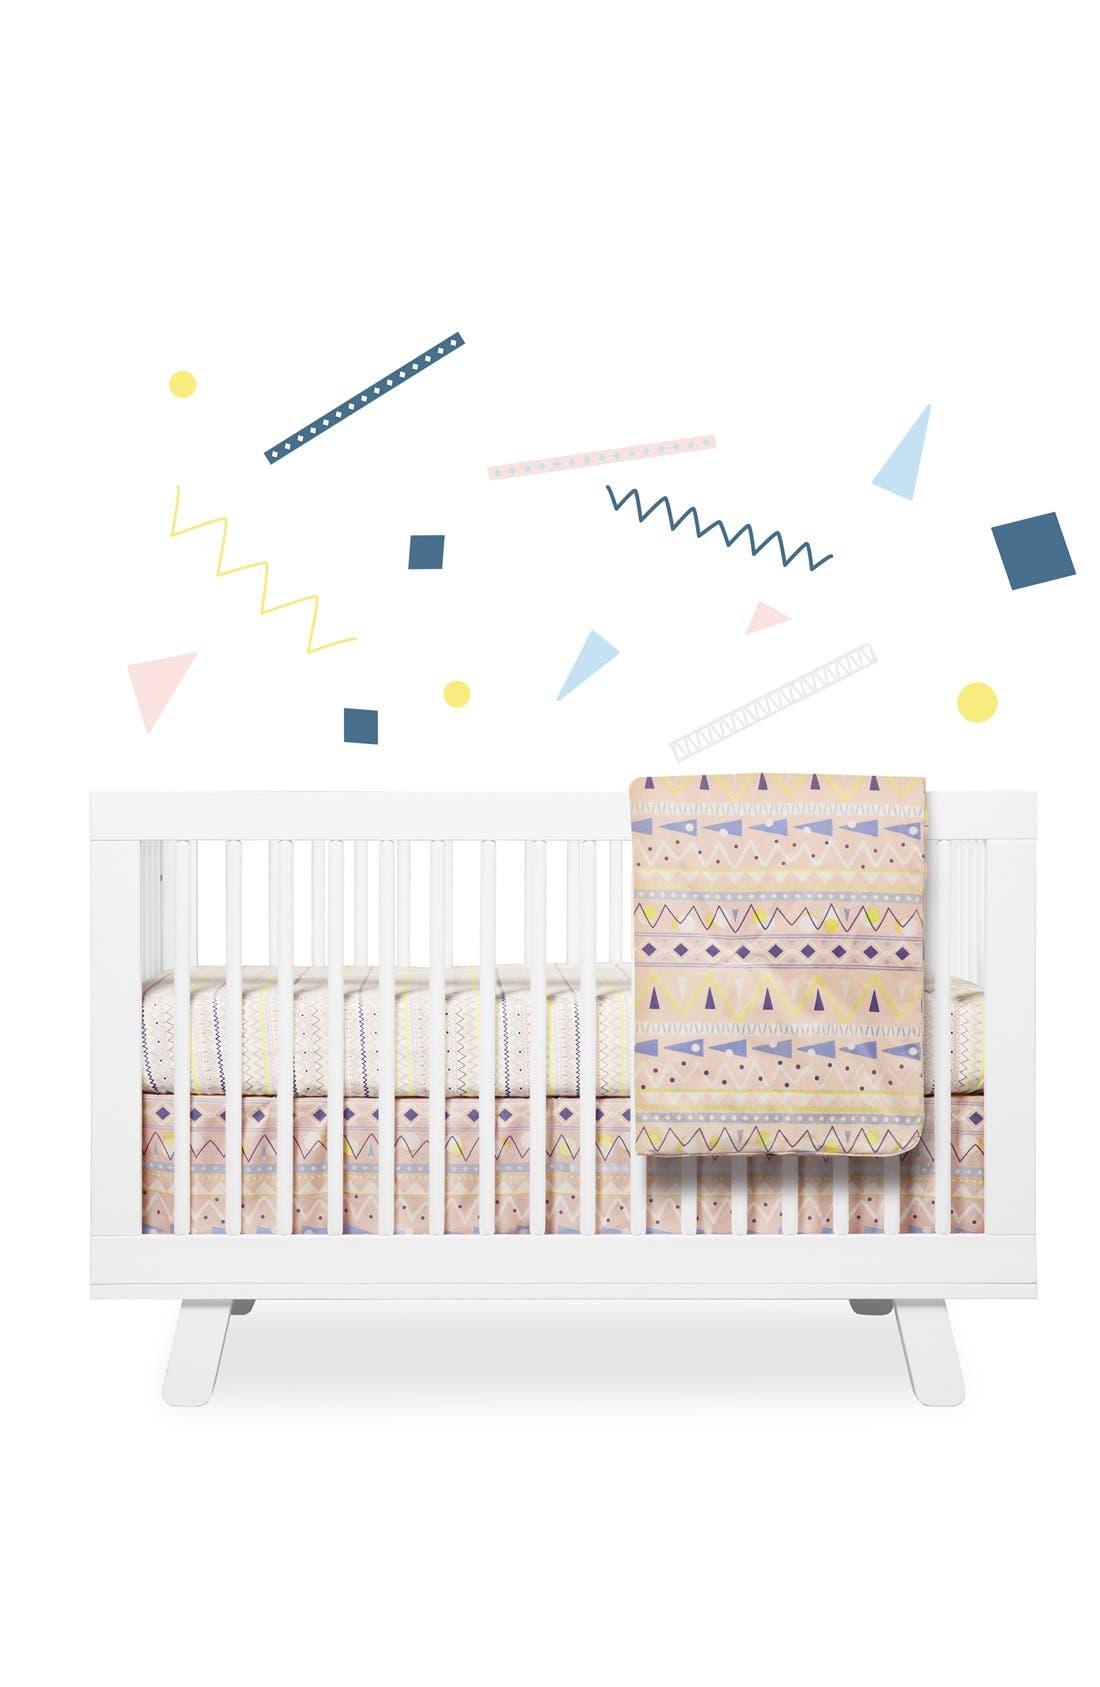 'Desert' Crib Sheet, Crib Skirt, Stroller Blanket & Wall Decals,                         Main,                         color, 900